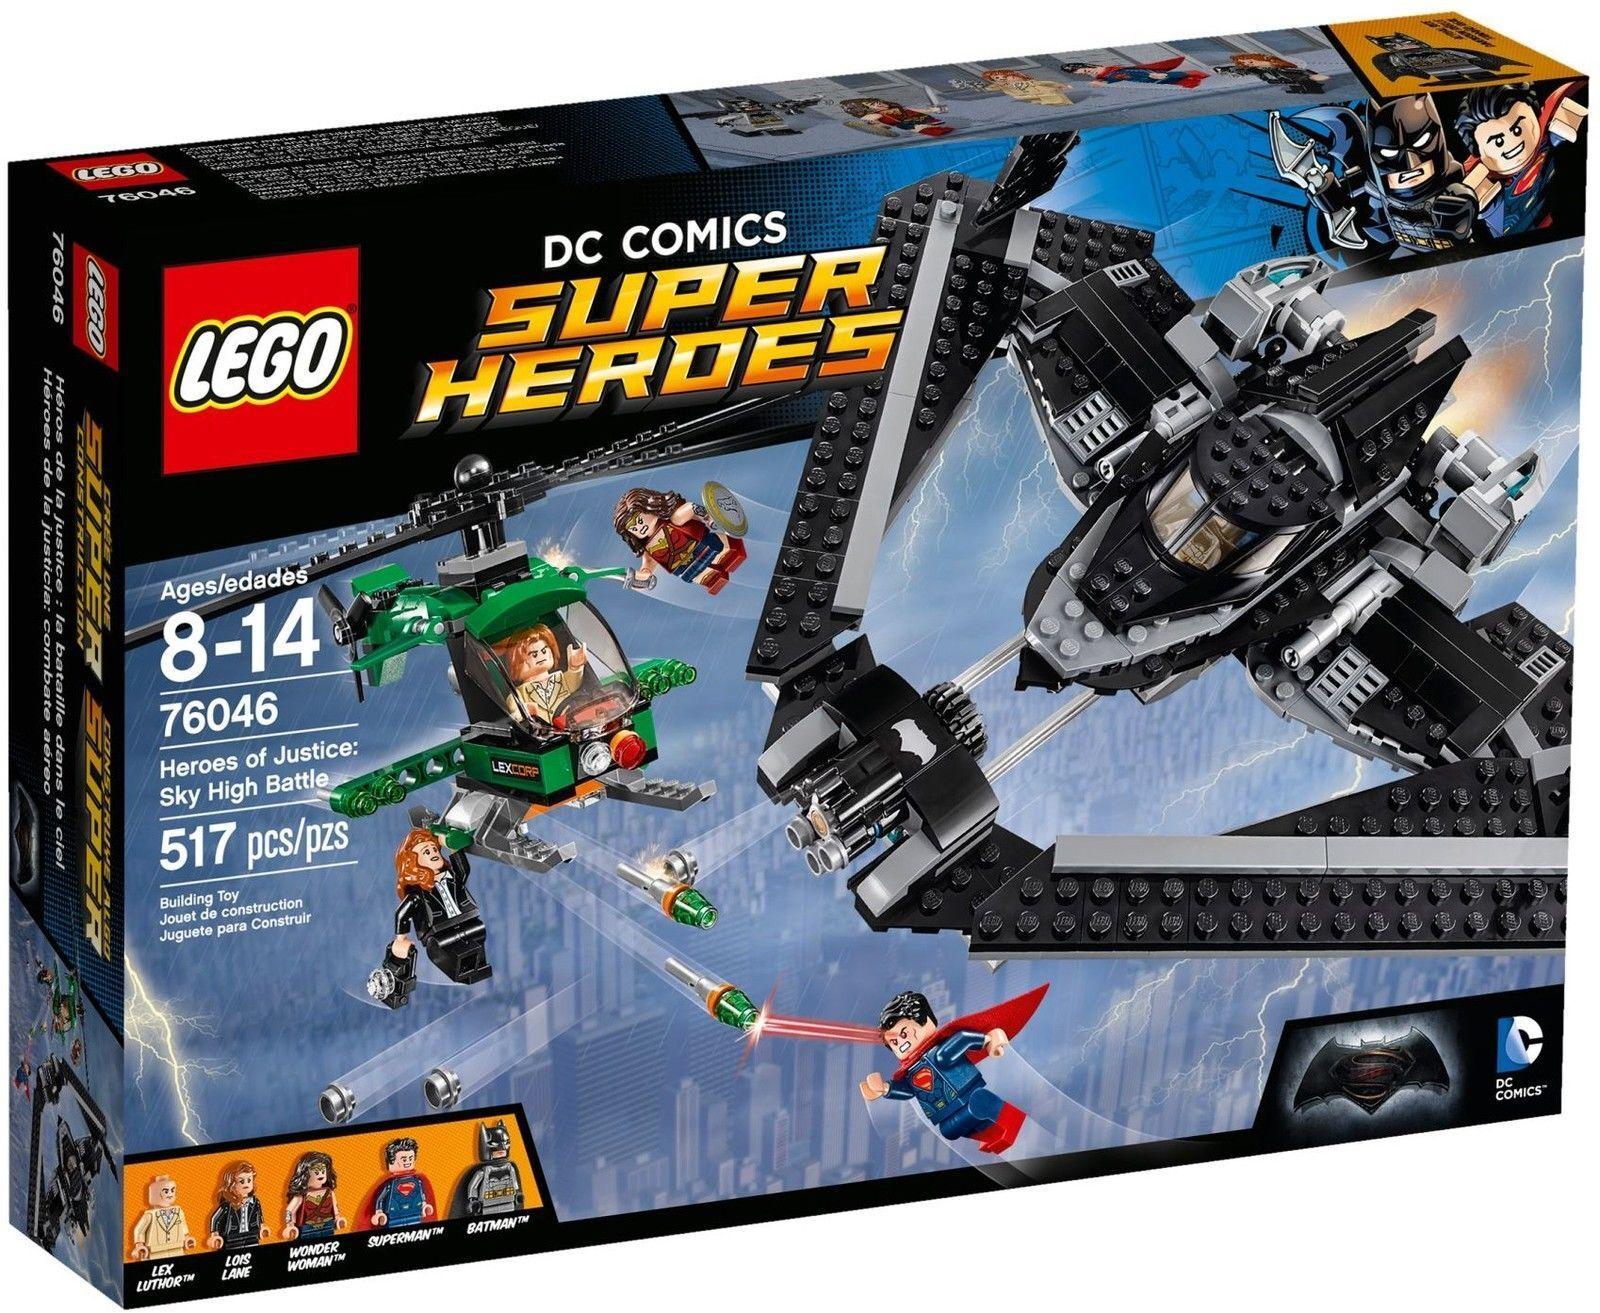 76046 LEGO MARVEL SUPER HEROES HÉROS DELLA GIUSTIZIA BATTAGLIA DANS CIEUX